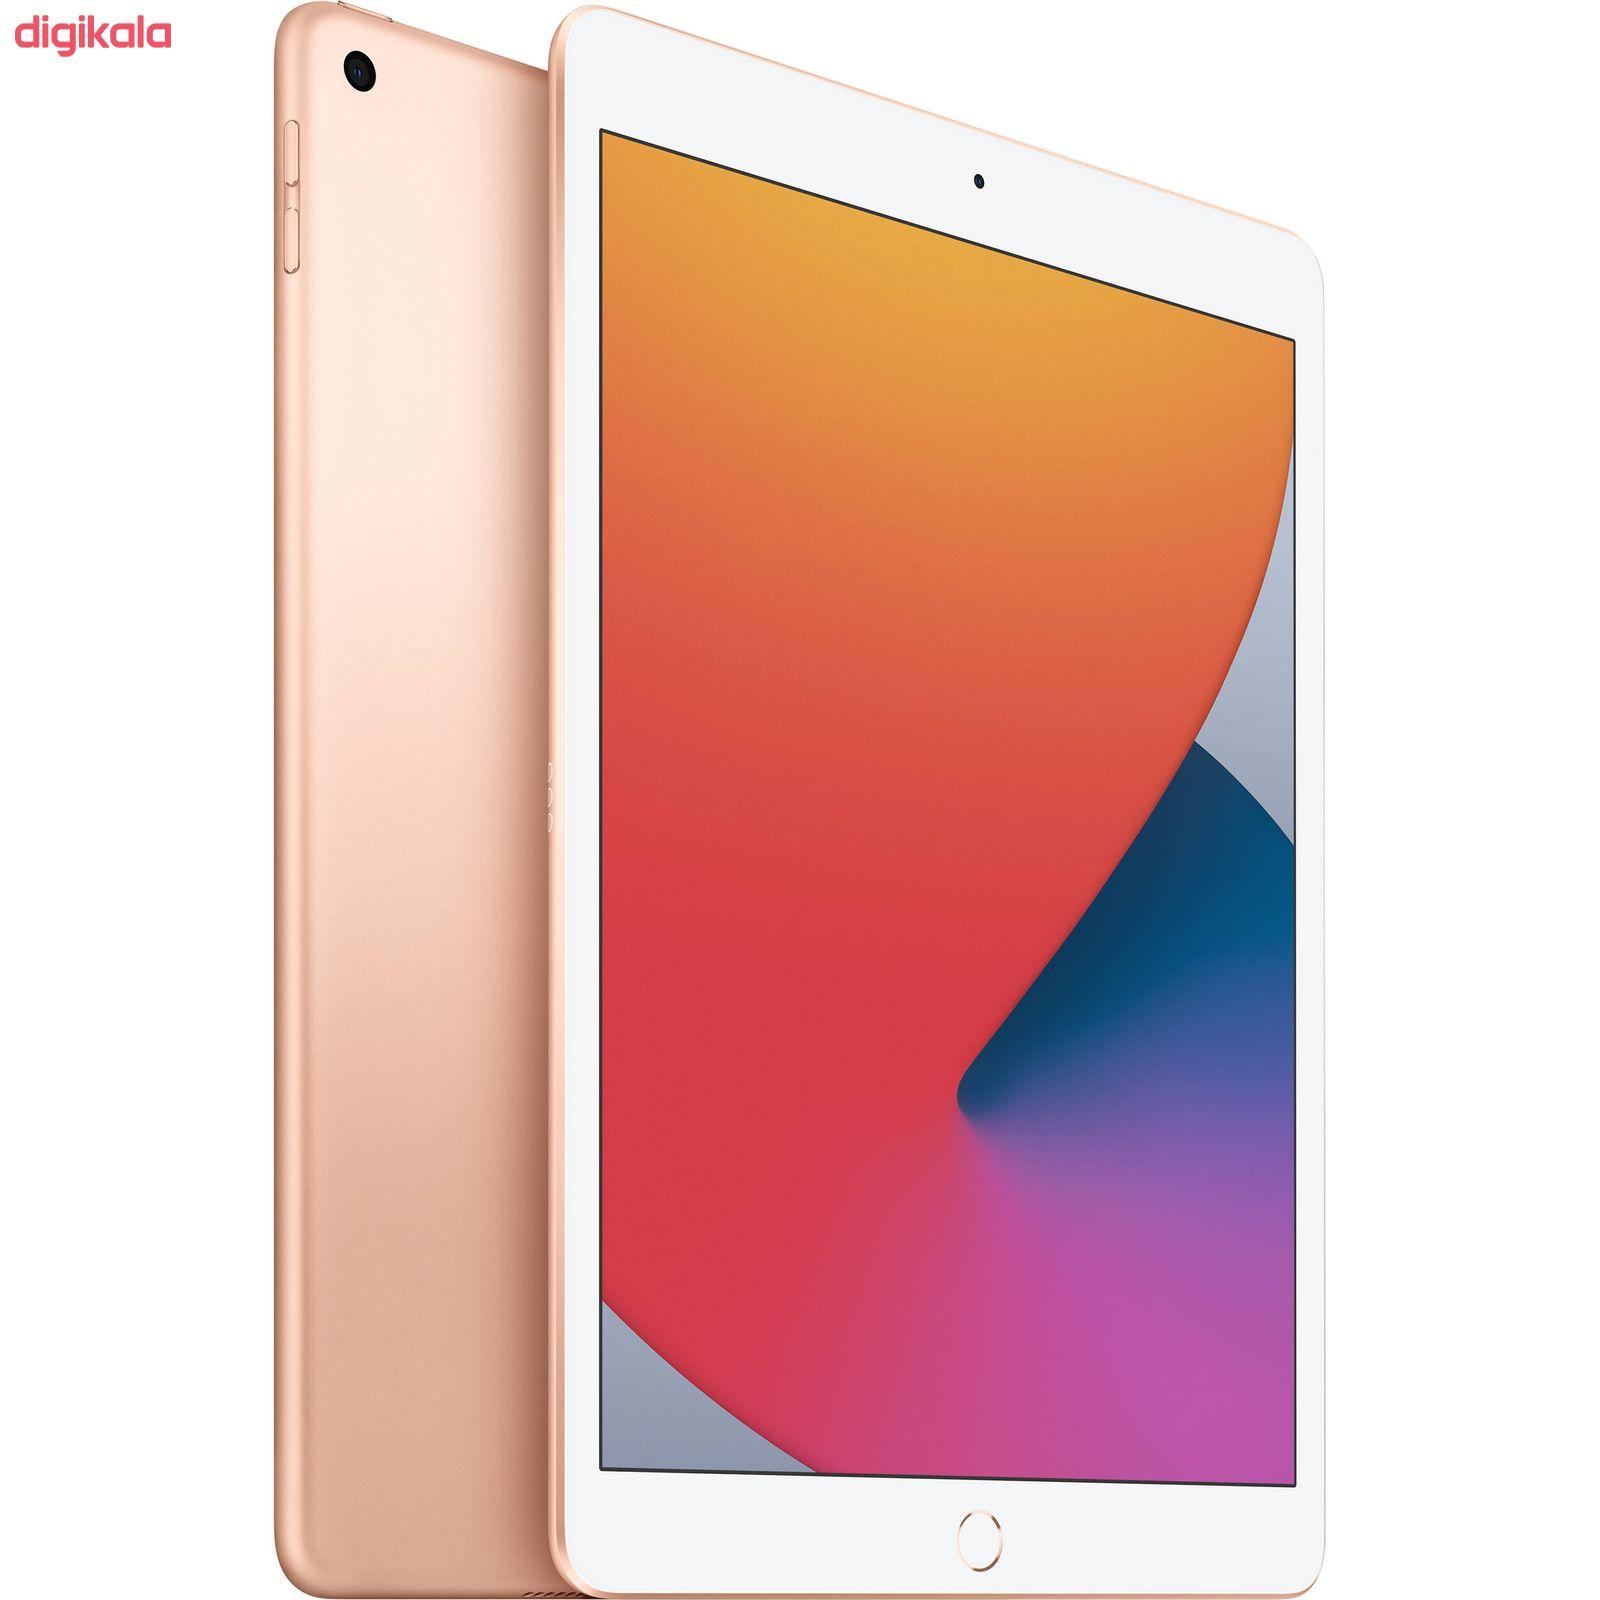 تبلت اپل مدل iPad 10.2 inch 2020 WiFi ظرفیت 128 گیگابایت  main 1 4